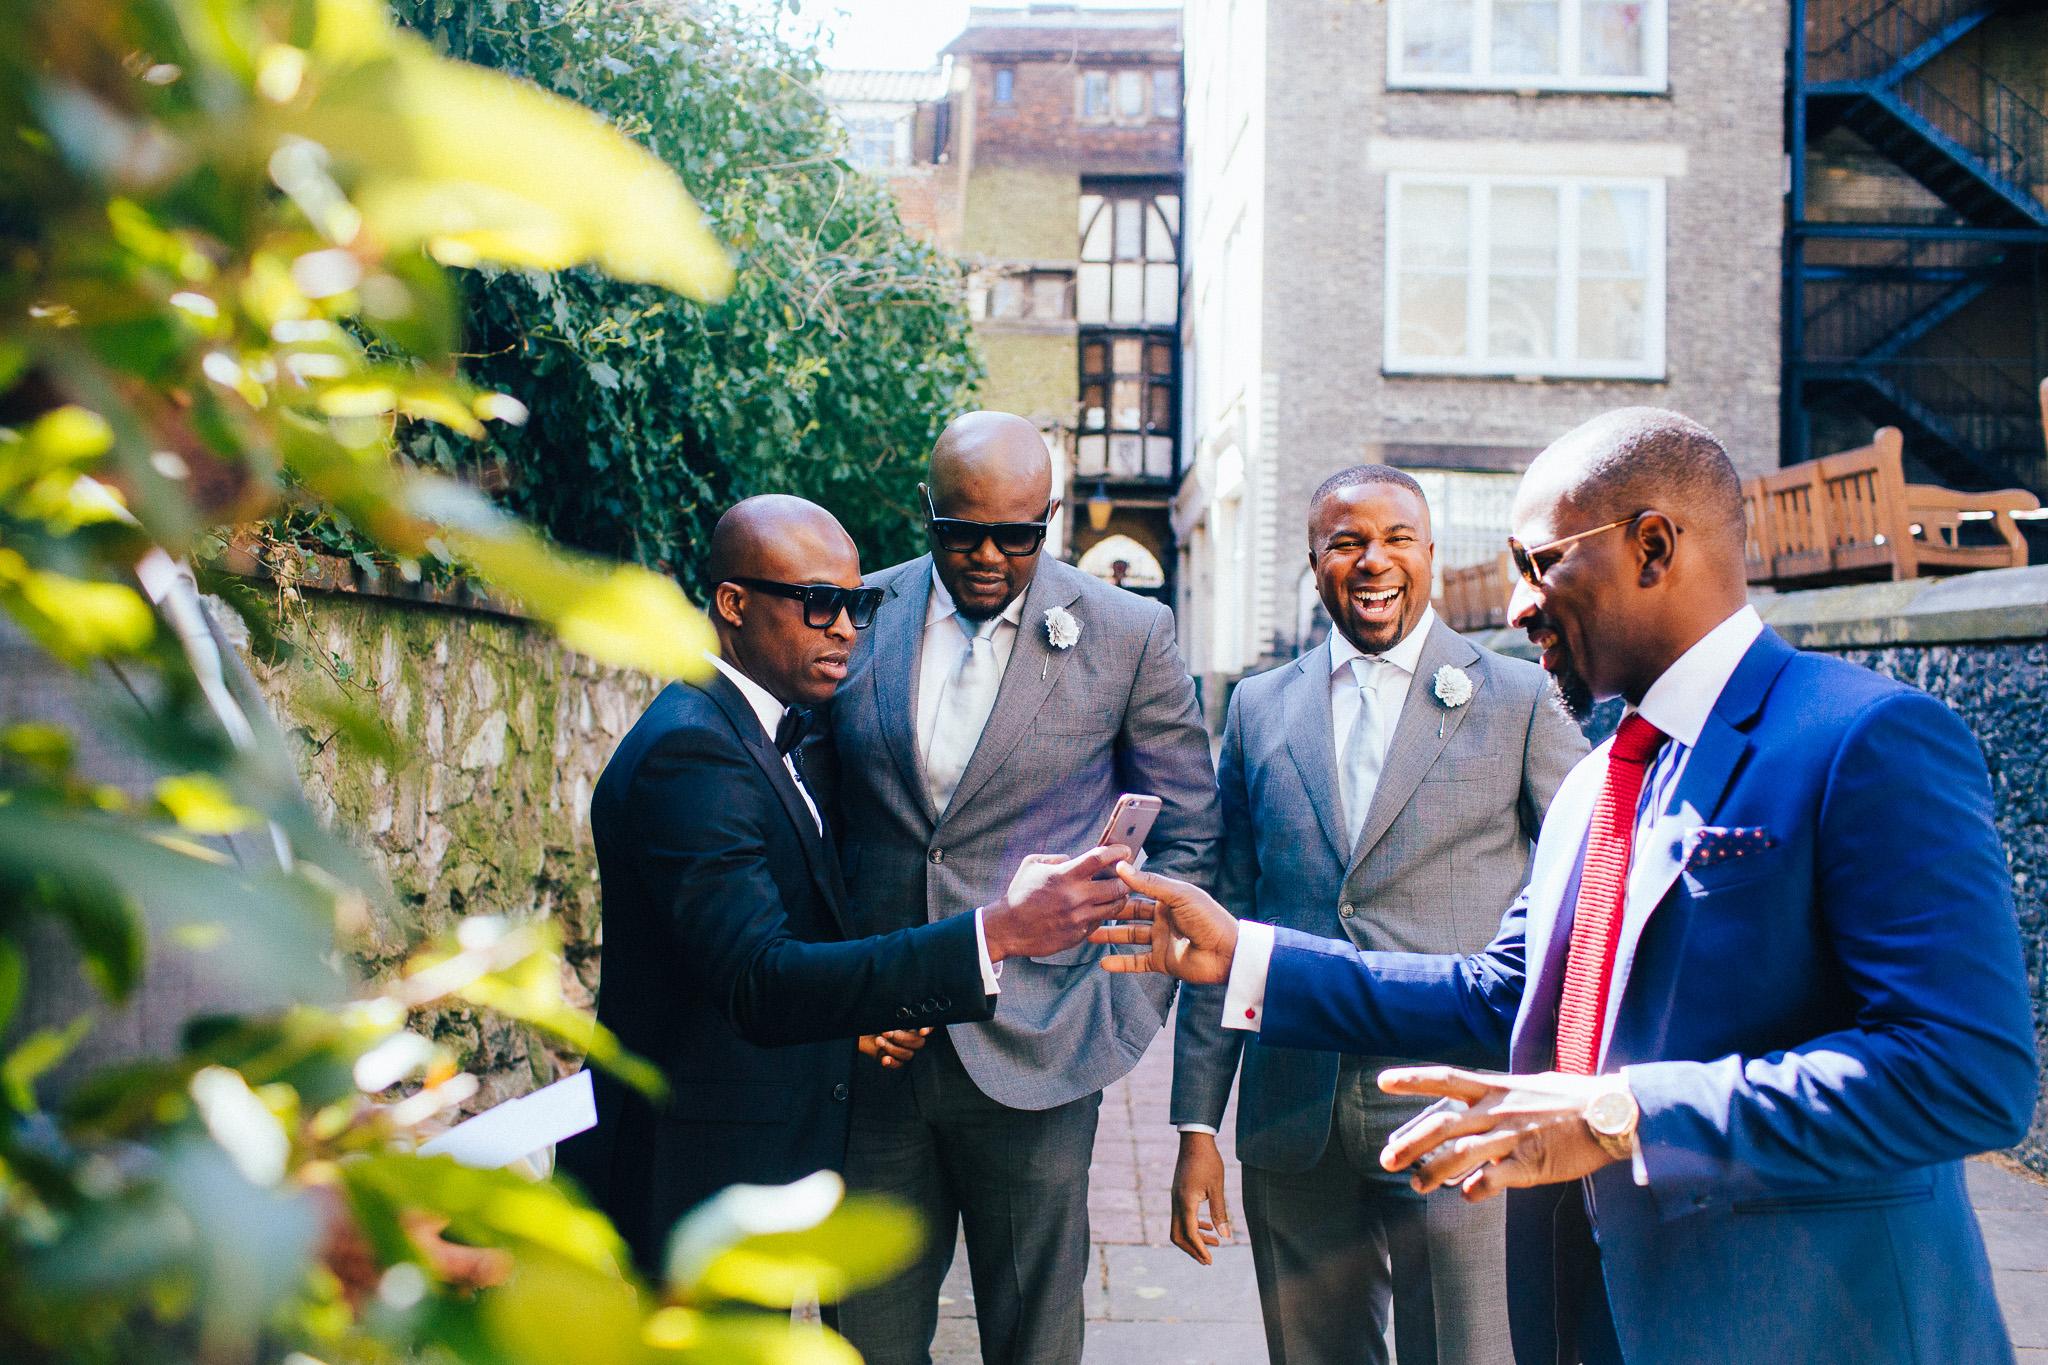 st bartholemew the great wedding